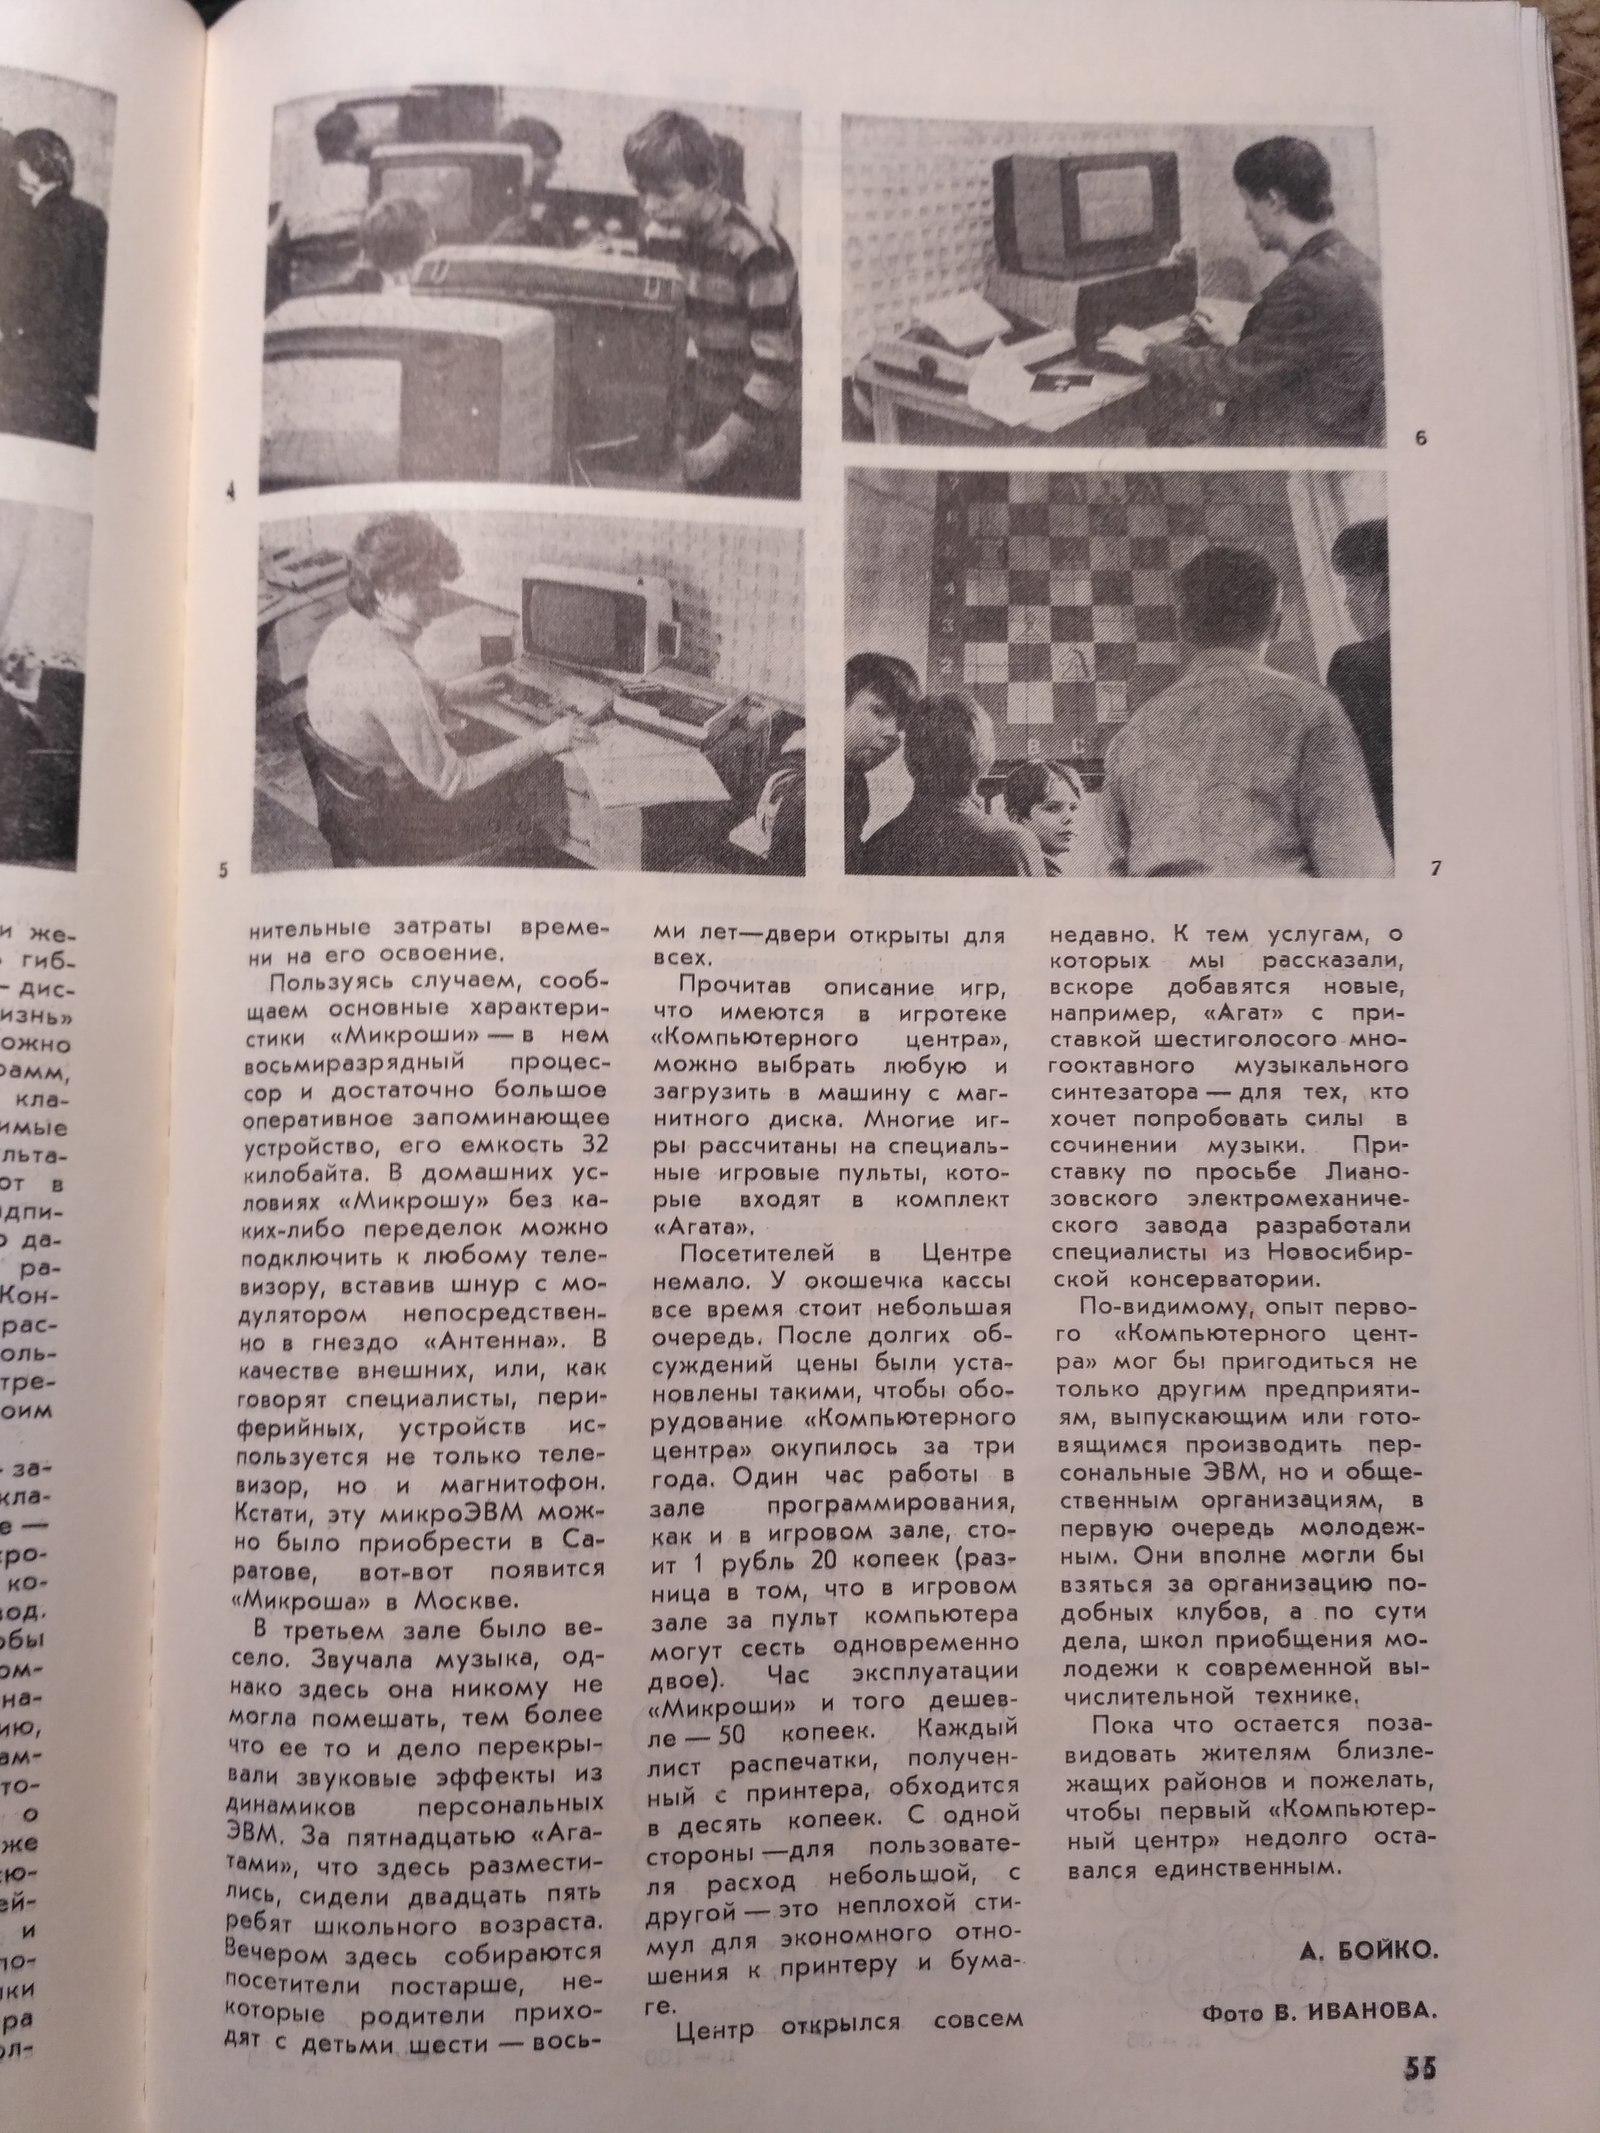 Наука и Жизнь, №5б 1987, стр.58